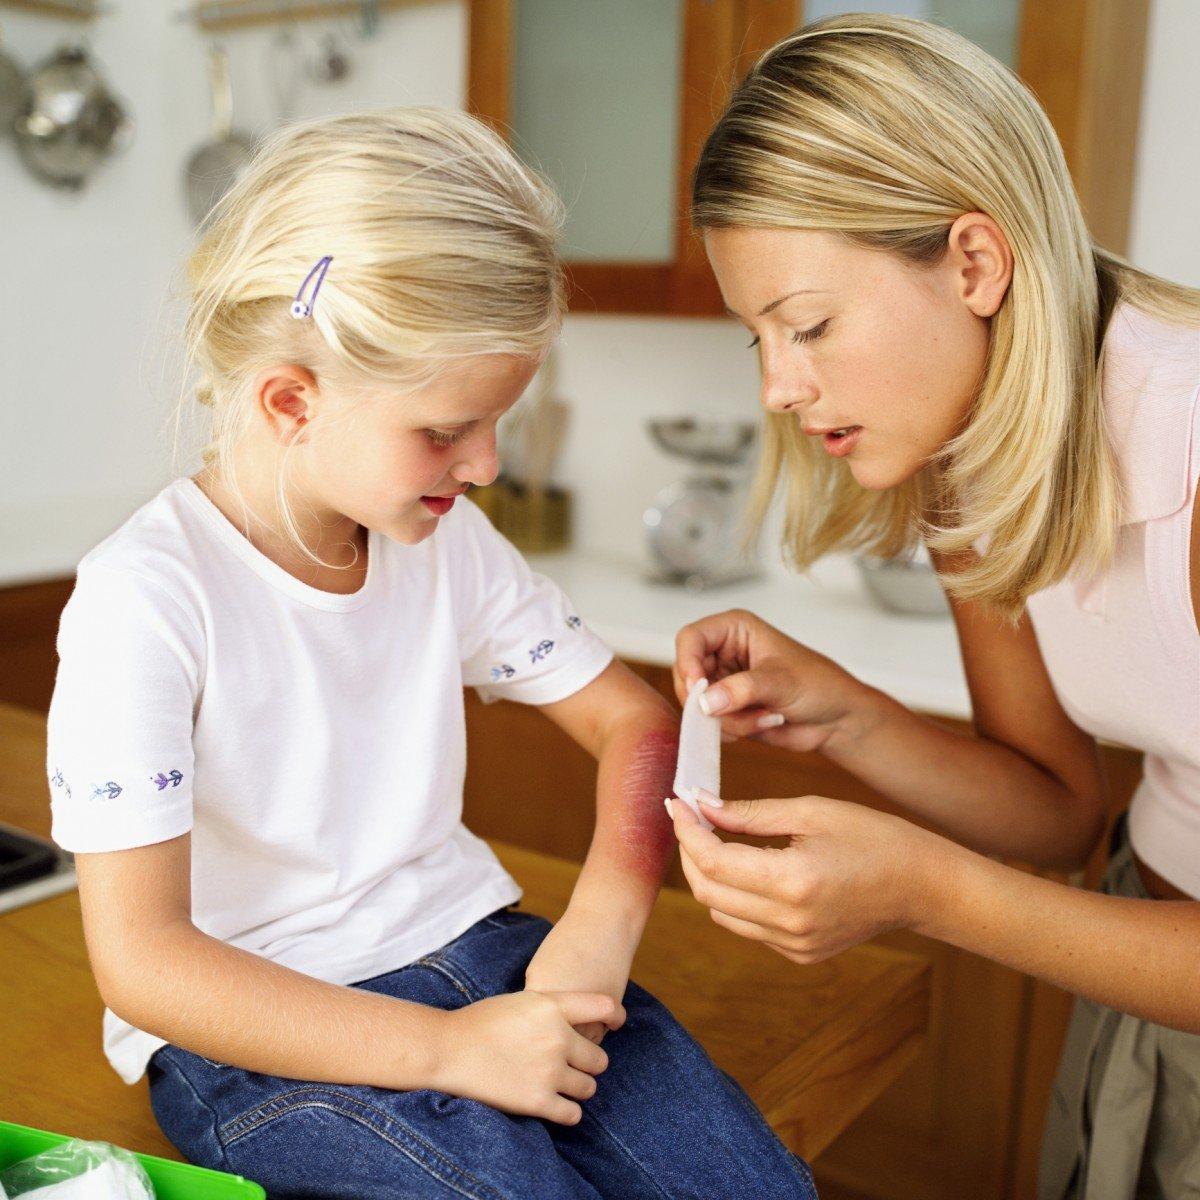 Лечение детского ожога